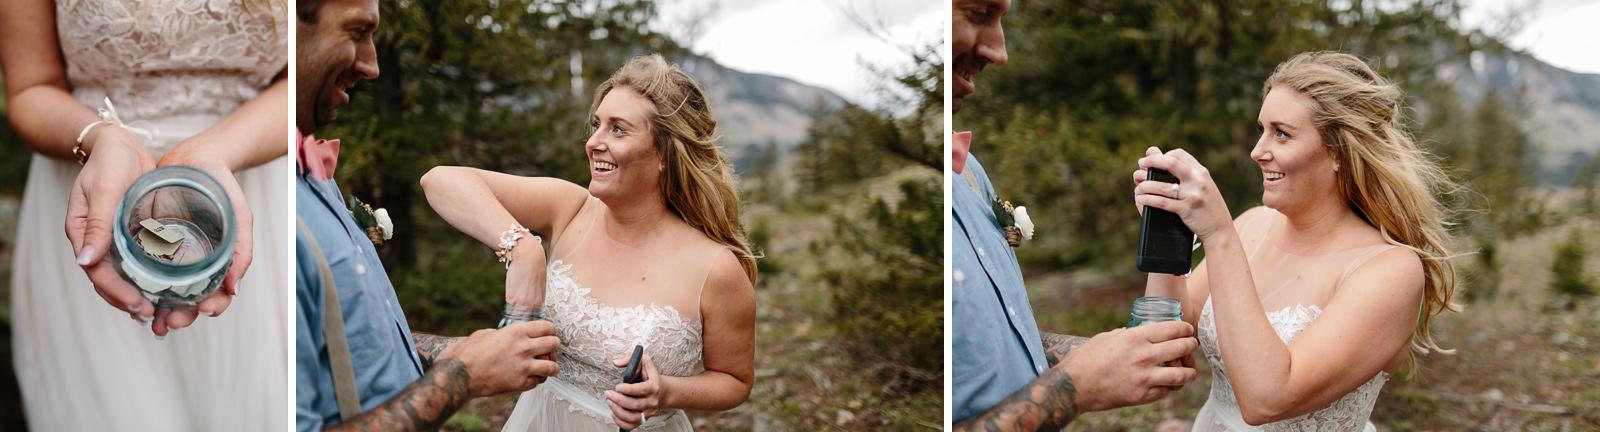 002-vail-elopement-photographer-chris-and-tara.jpg